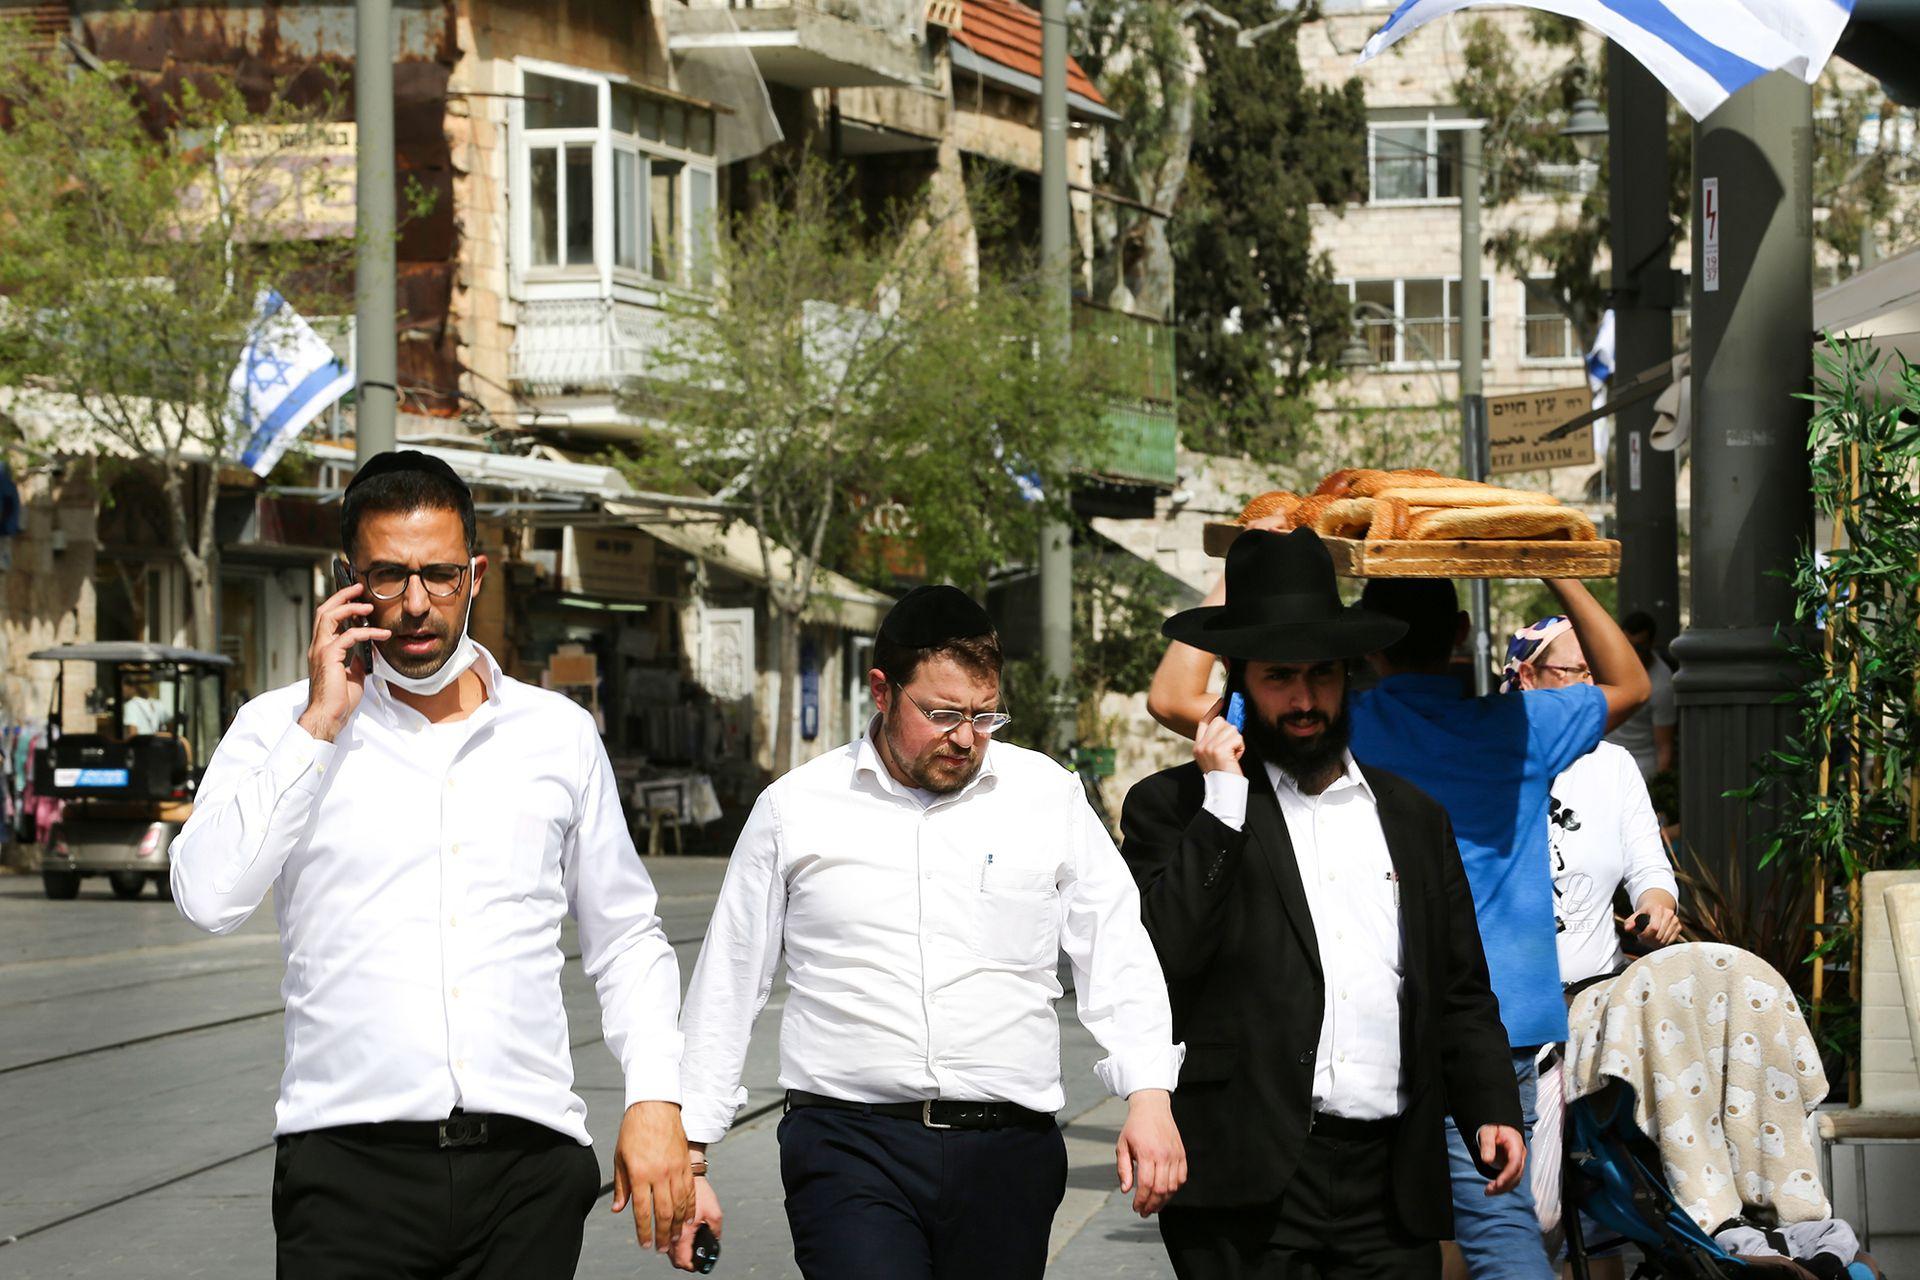 Las primeras imágenes de ciudadanos sin barbijo en Israel recorrieron el mundo